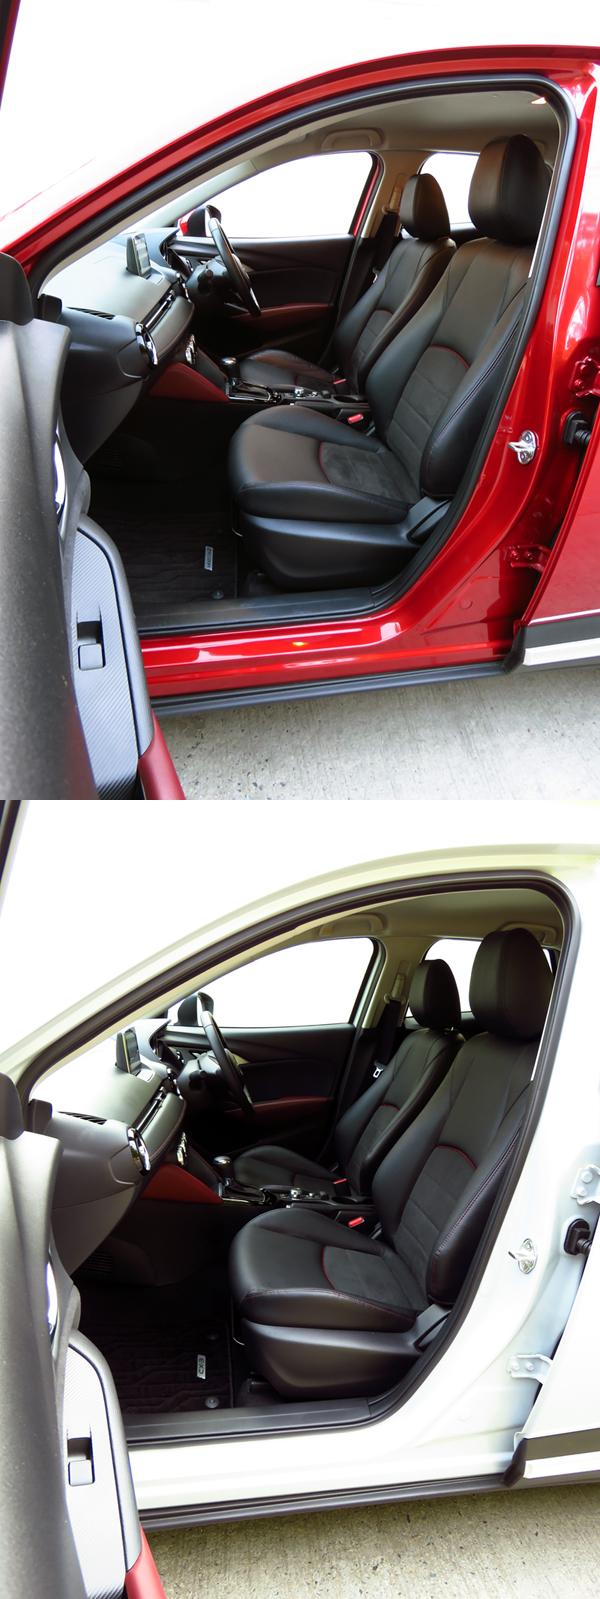 2016_02_Mazda_CX_3_Interior_03